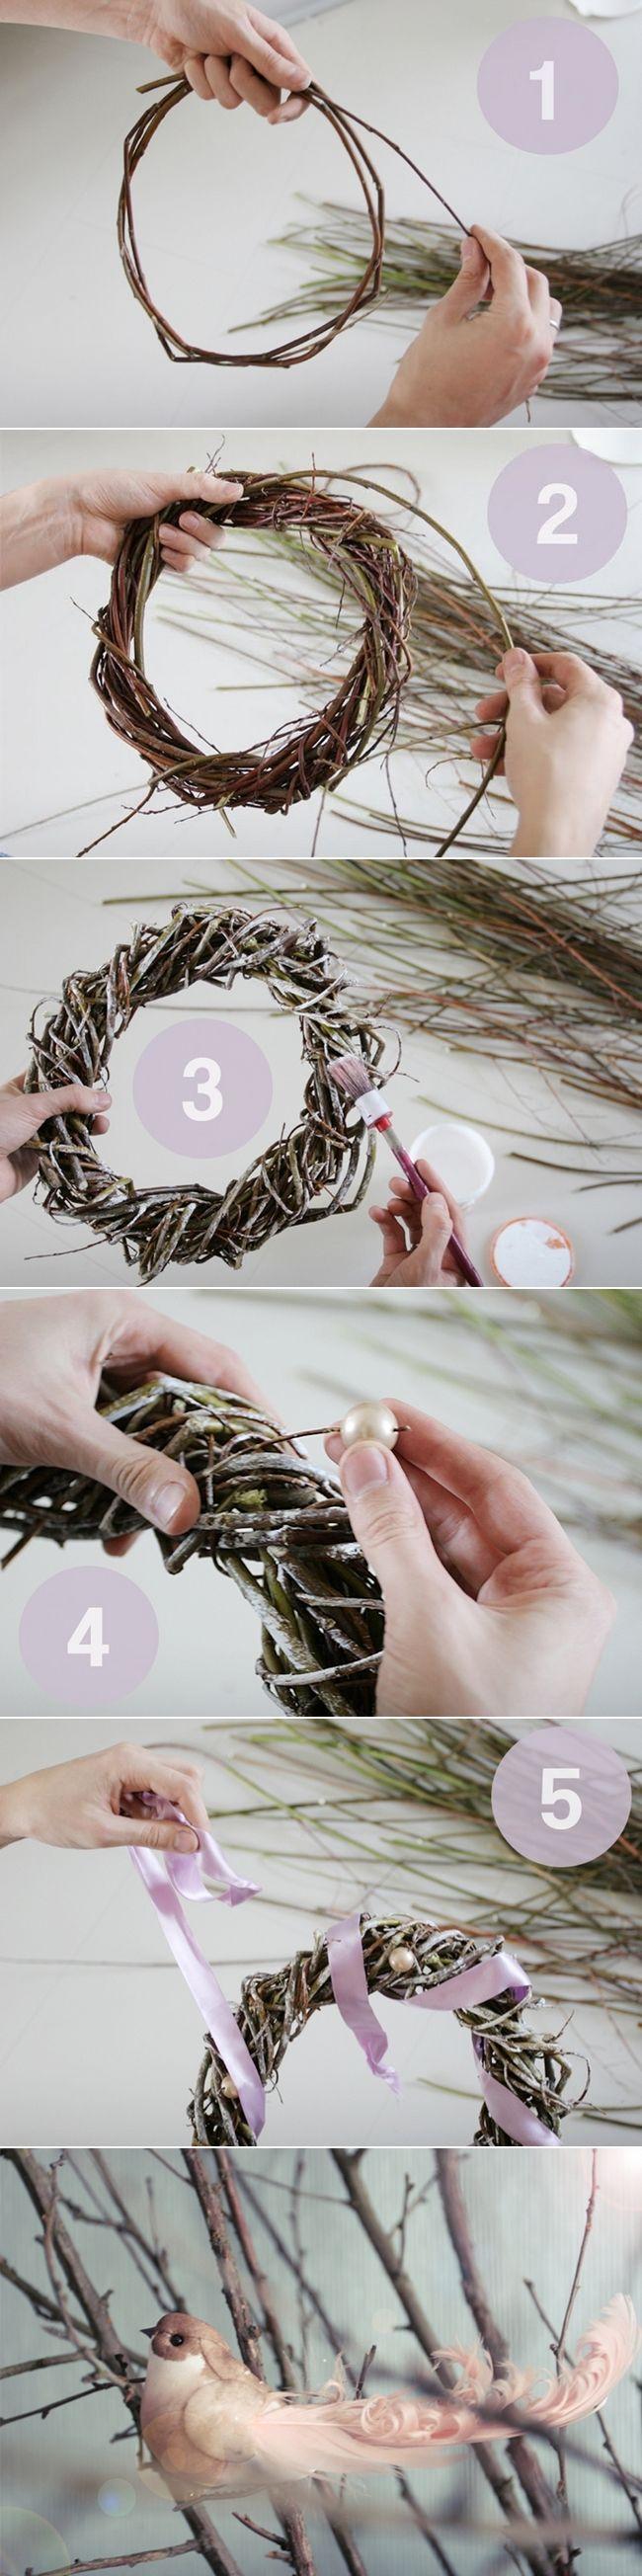 17 DIY-Weihnachten Kränze – Einfache und kreative Dekorationen und Kunsthandwerk #ribbonart